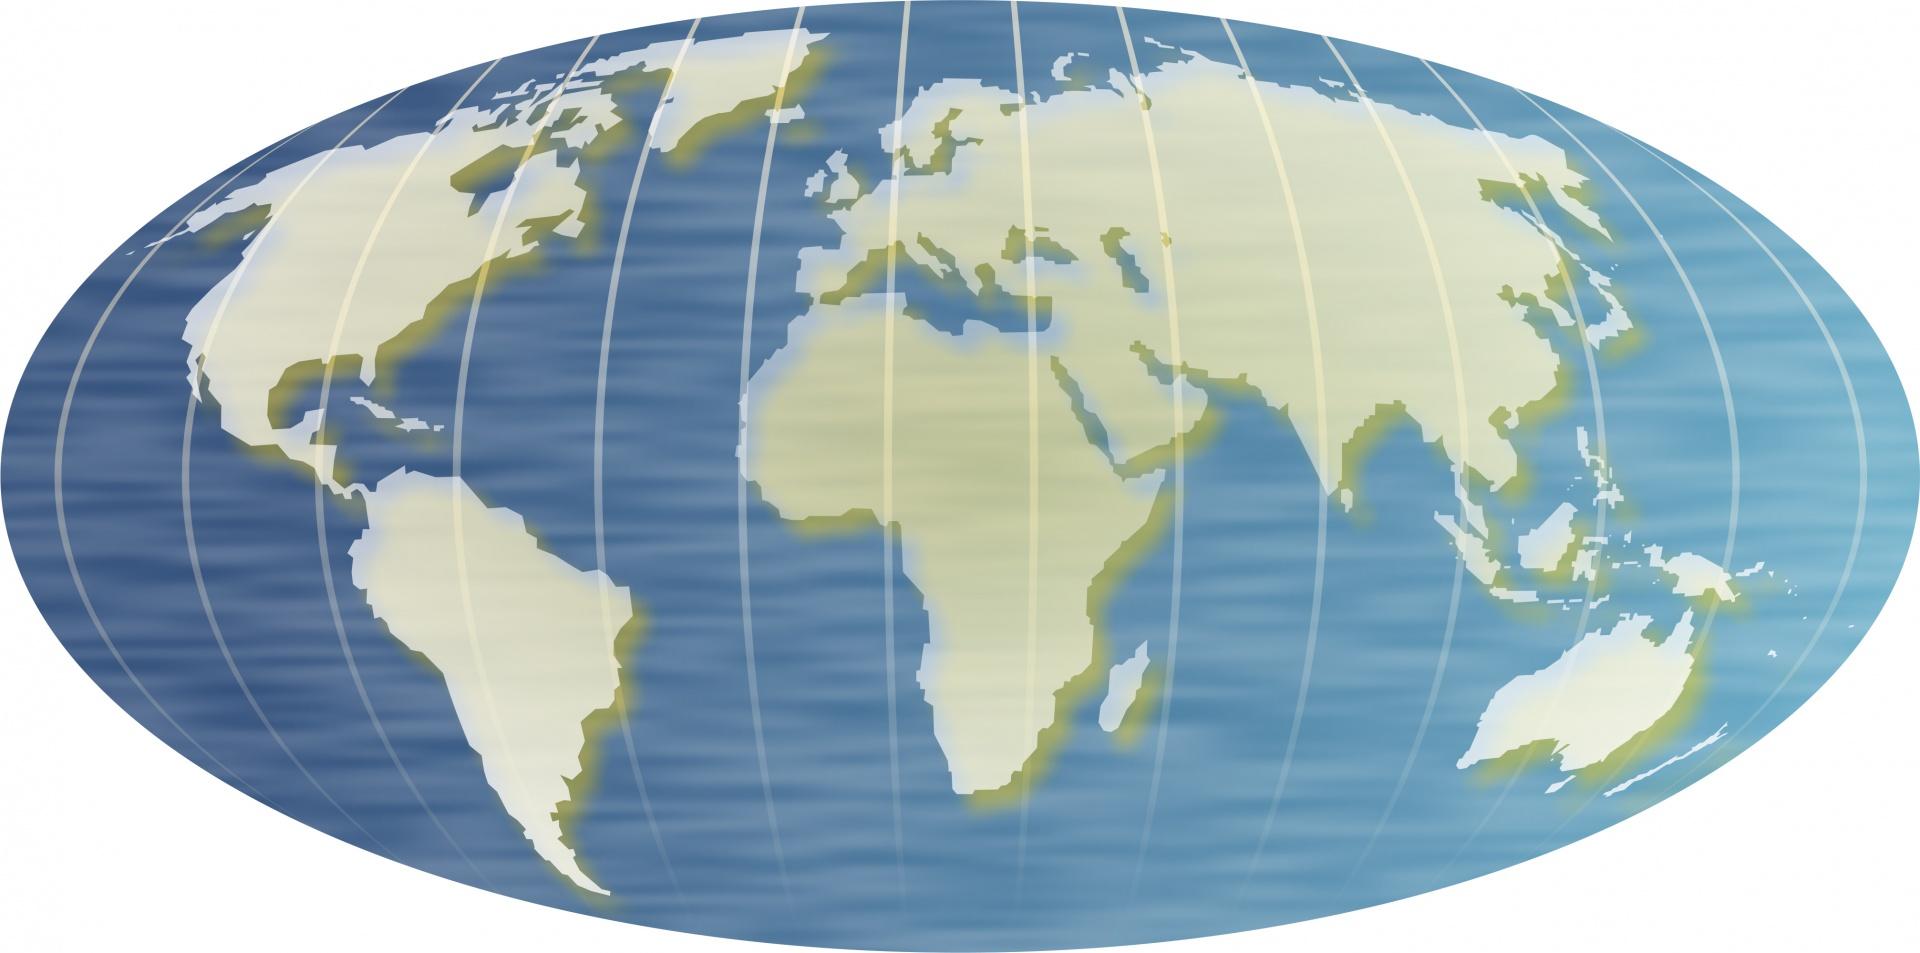 Συμπληρωματική πρόσκληση εκδήλωσης ενδιαφέροντος εκπαιδευτικών για απόσπαση στο εξωτερικό από το σχολικό έτος 2019-2020